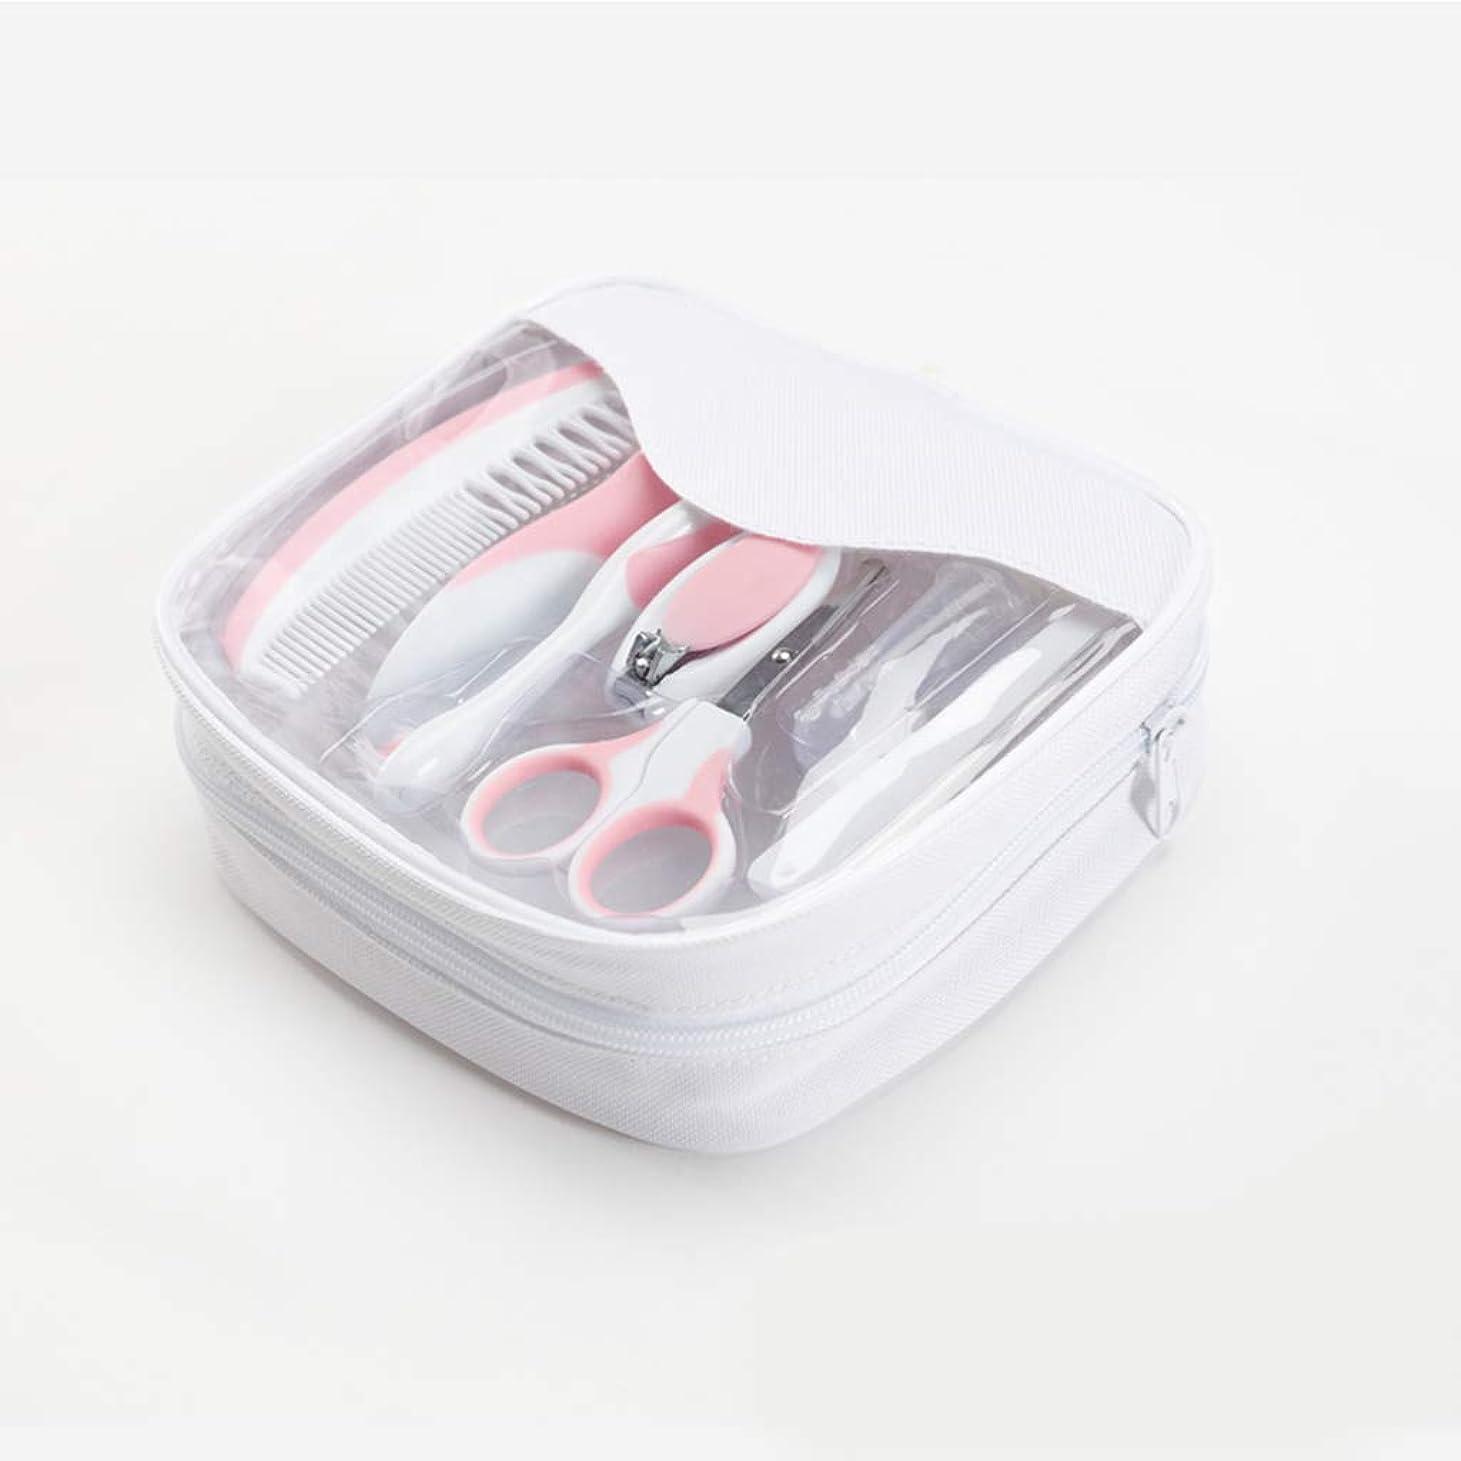 富豪トラブルサーフィンベビーネイルクリッパーセット、7ポータブルベビー製品ネイルケア子供ネイルハサミ安全はさみのセット,Pink